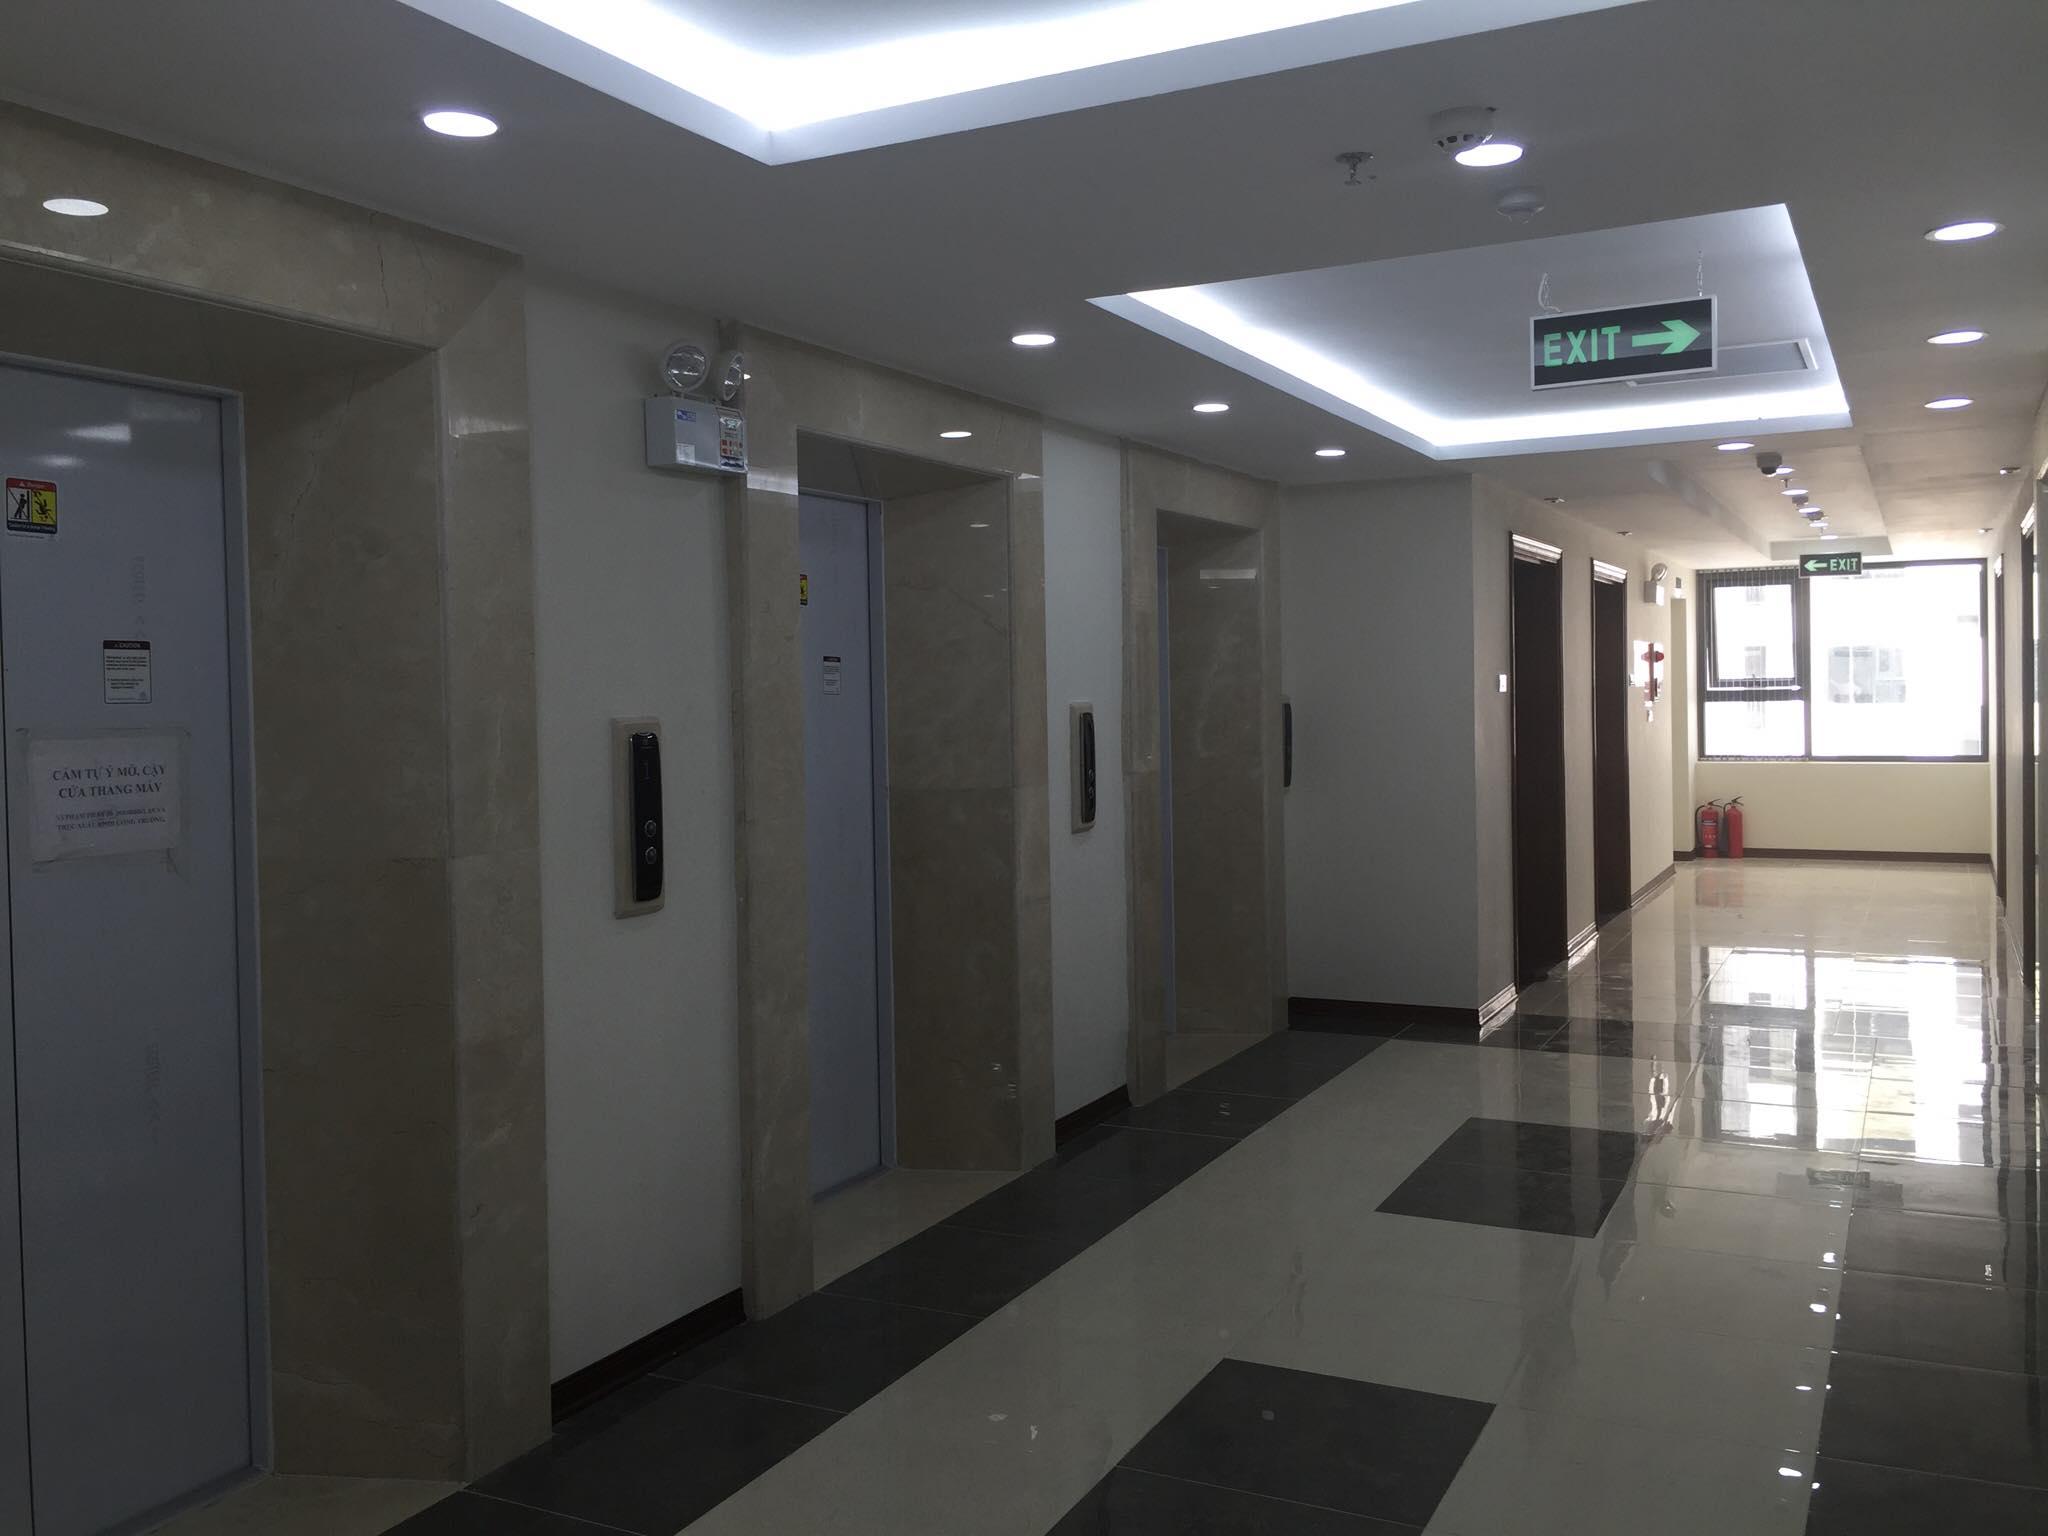 Mỗi tòa chung cư được thiết kế từ  4-8 thang máy nhập khẩu của Đức tốc độ cao, êm ái, thoáng mát